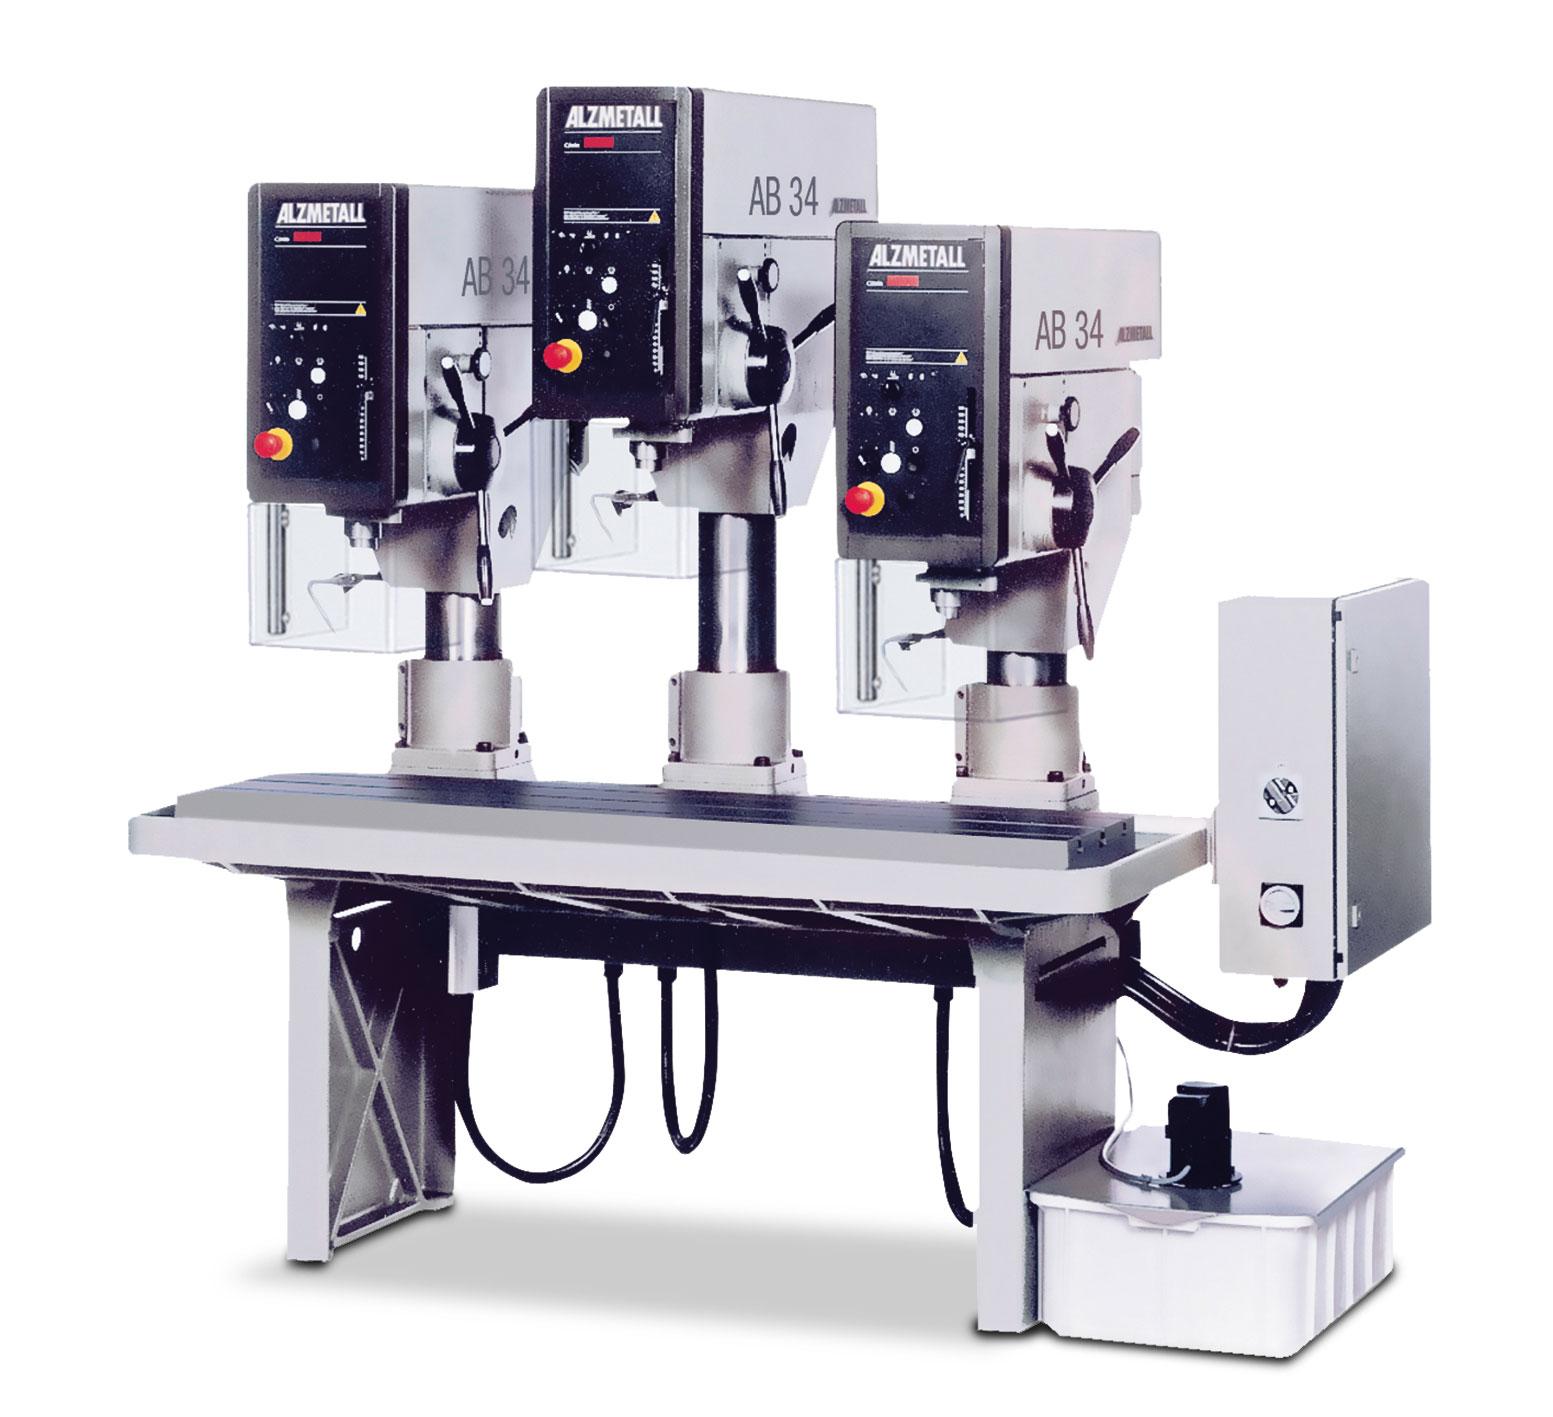 Bild der Alzmetall RFT 3 Reihenbohrmaschine